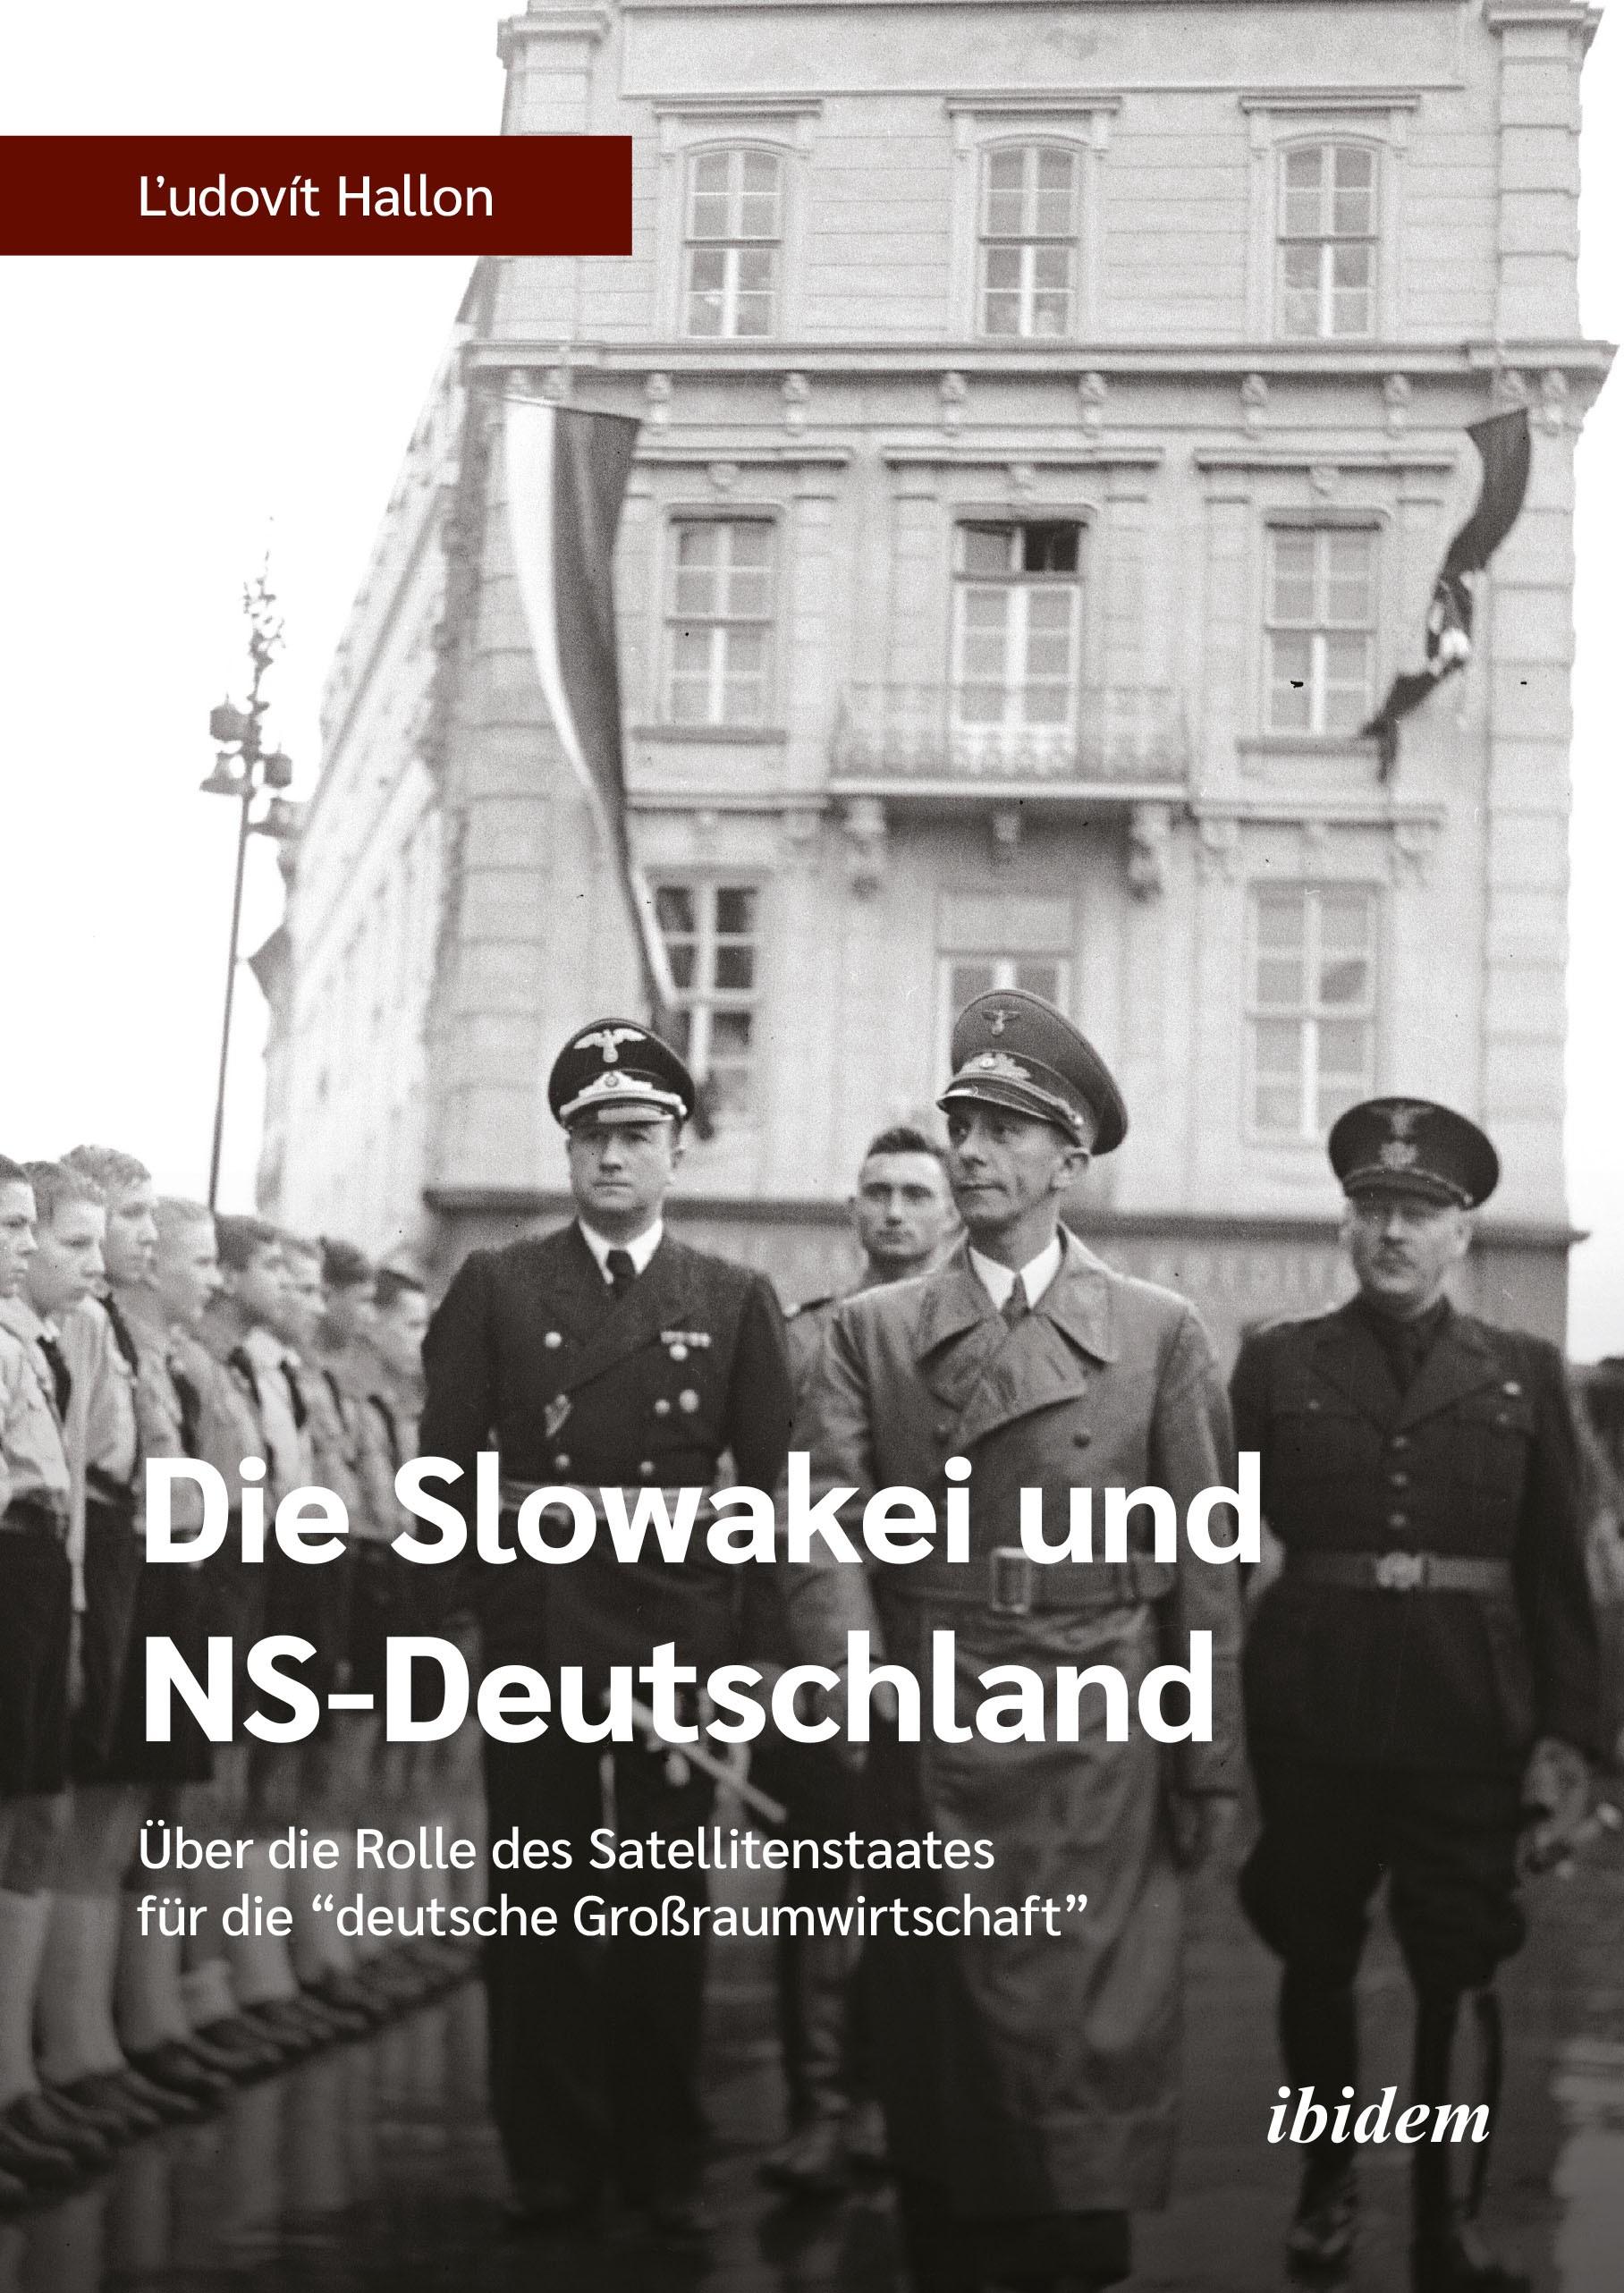 Die Slowakei und NS-Deutschland